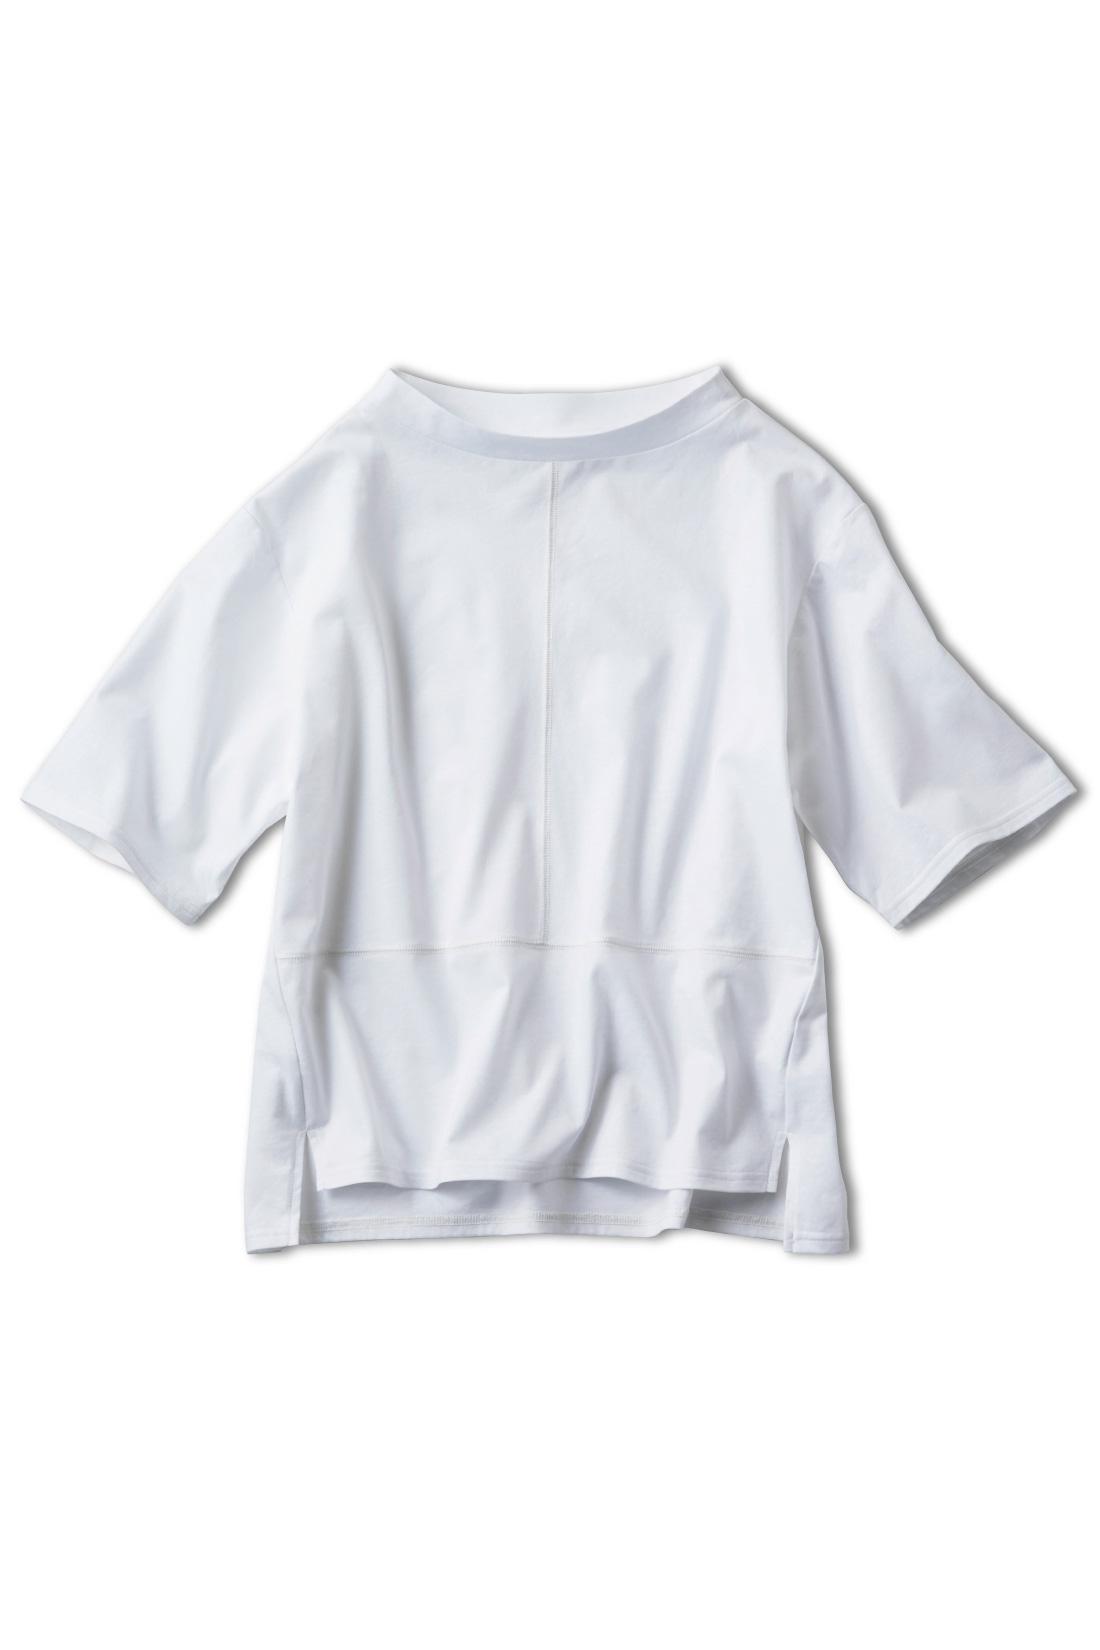 〈ホワイト〉一枚でもきちんと着映えする切り替えがポイント。サイドラインを前にふることでさりげなく細見せも。さらにサイドスリットでシャープな印象に。シンプルボトムスに合わせるだけでOK。トレンド感たっぷりの、ハーフネック&ハーフスリーブなら秋まで大活躍!袖をロールアップしてもかわいく着こなせます。